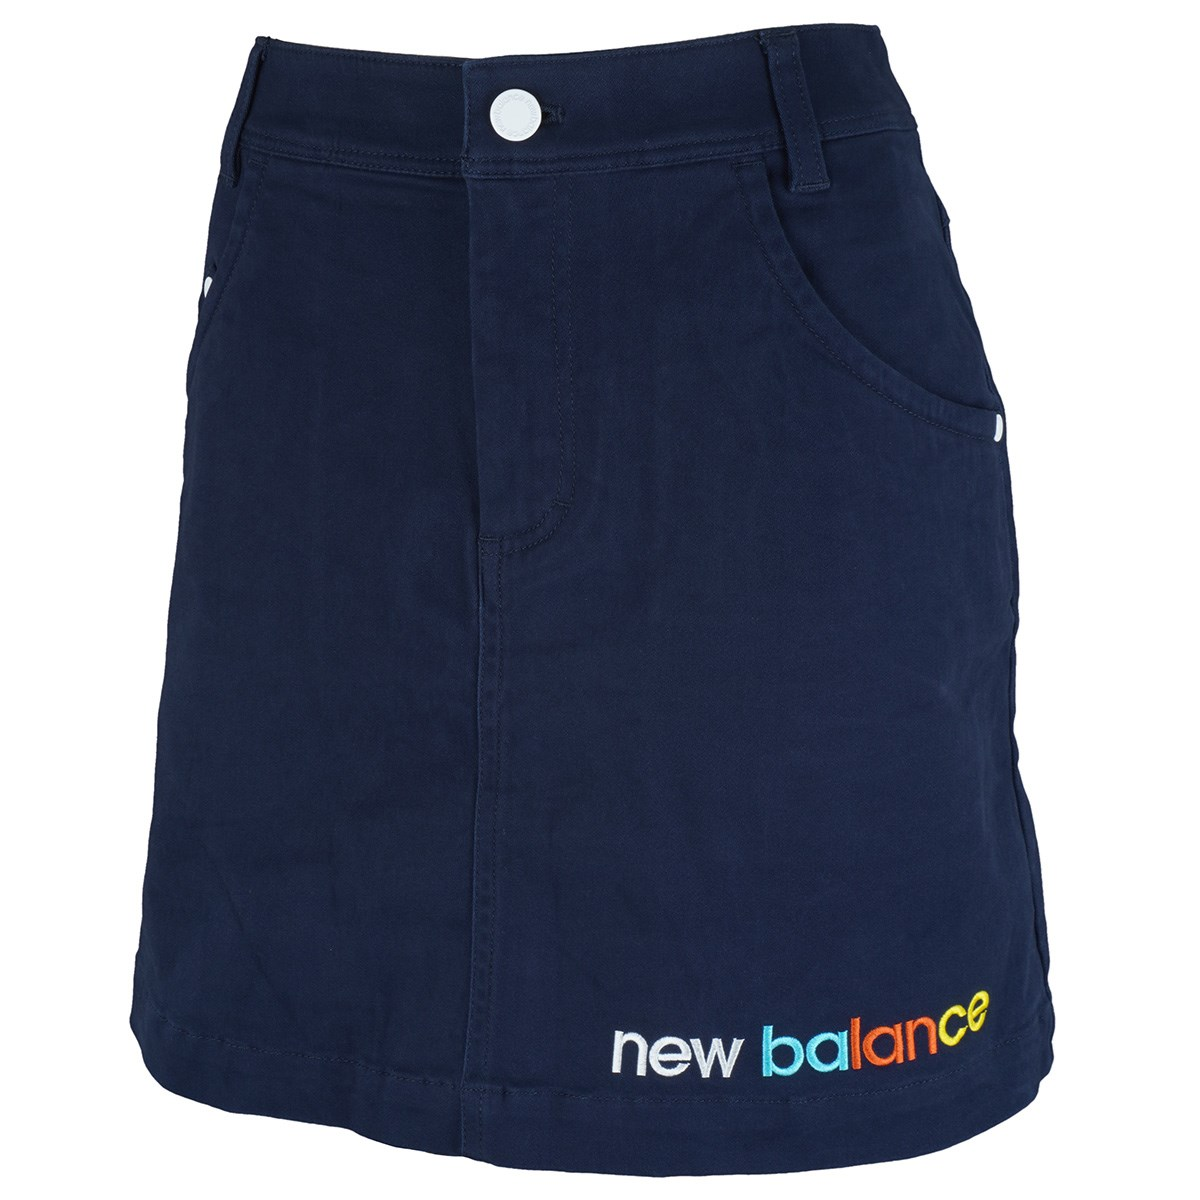 ニューバランス New Balance SUNNY PAC ストレッチスカート 1 ネイビー レディス